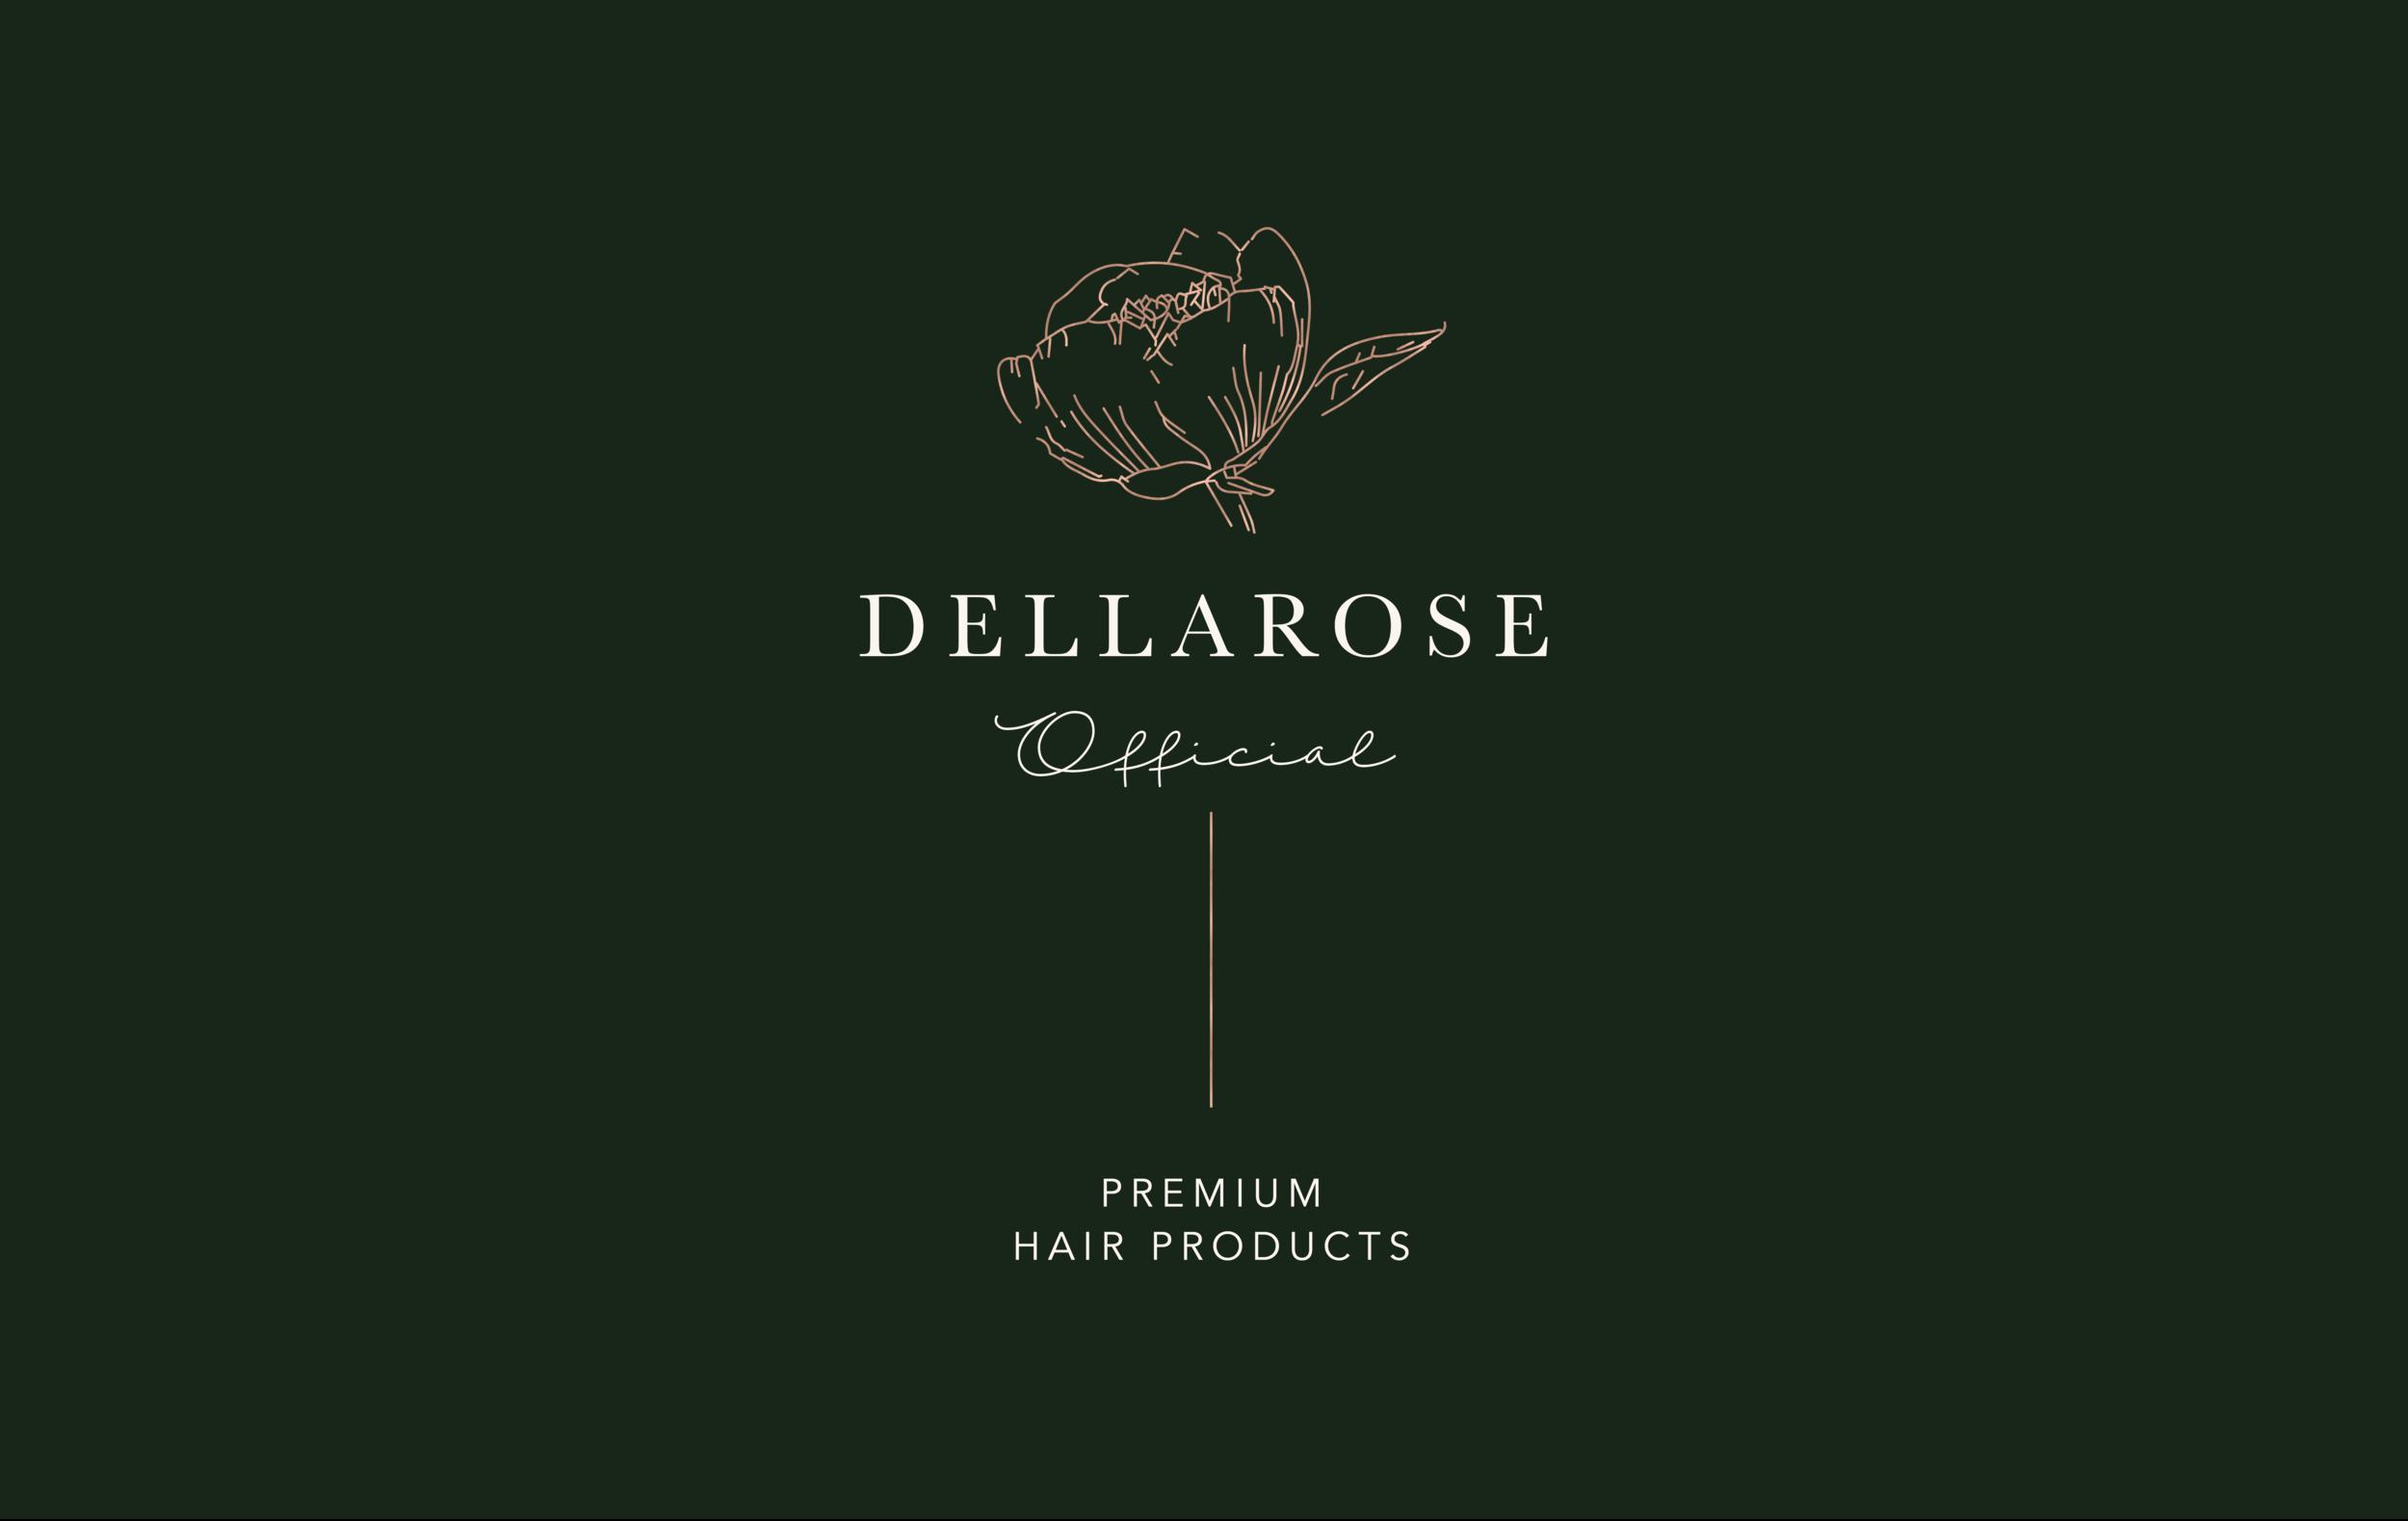 Dellarose forweb-01.png